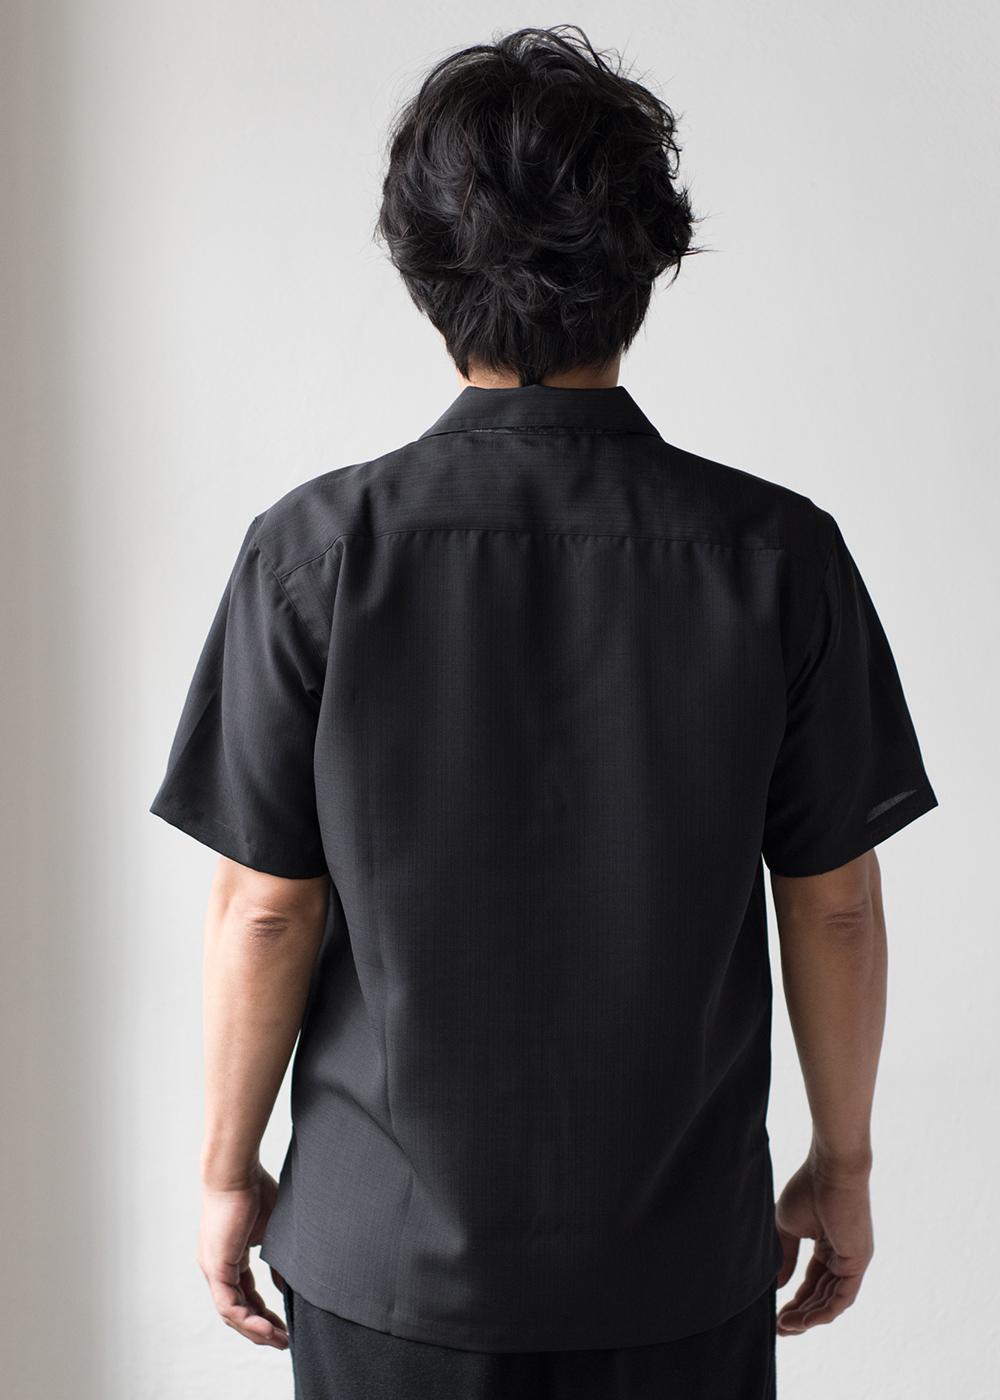 かりゆしウェア(沖縄版アロハシャツ) MAJUN - 黒輝鳳凰(開襟)